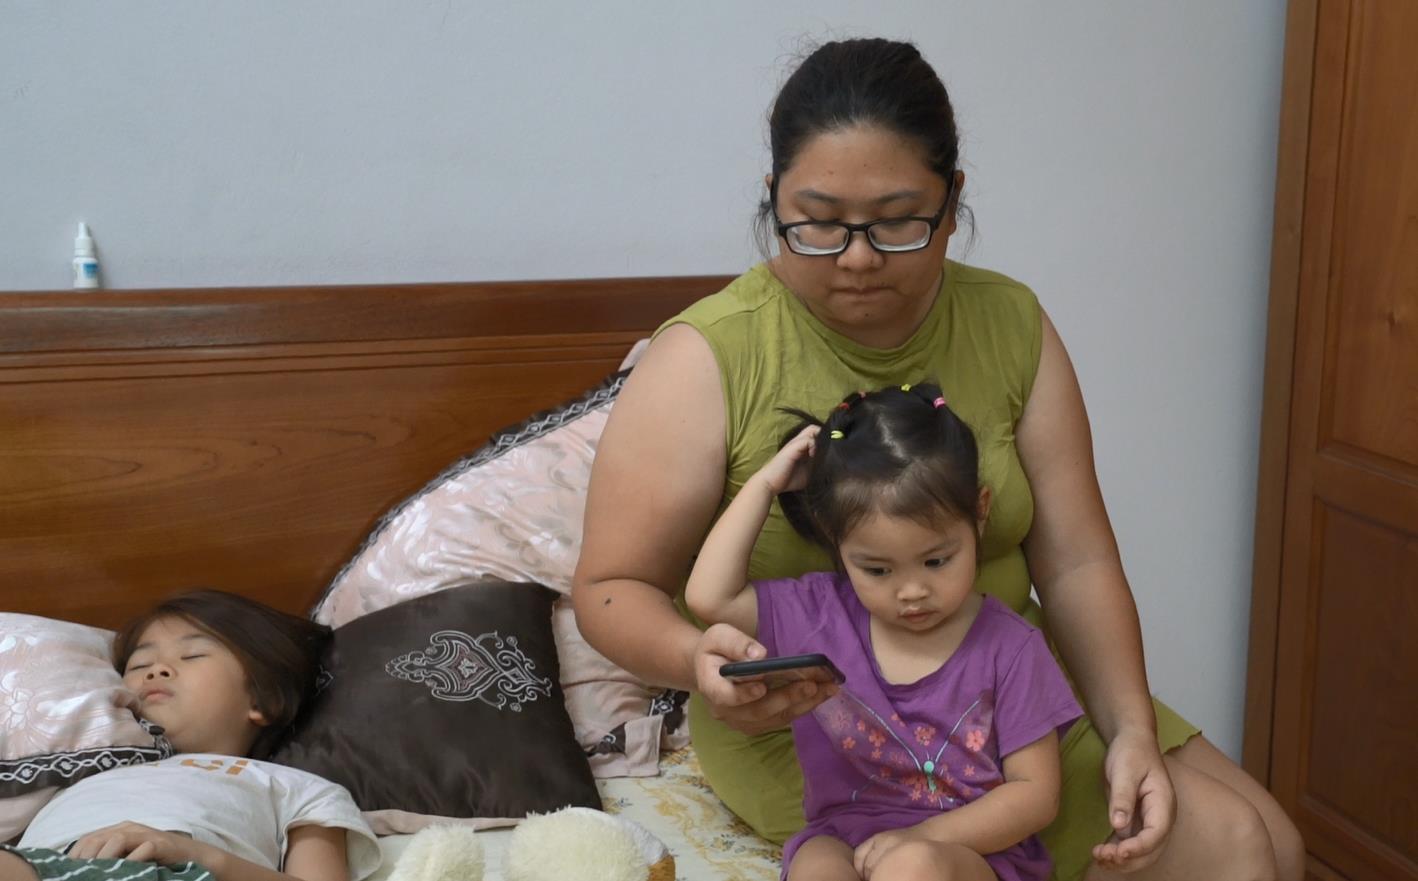 """Sau 2 tháng giảm 20 kg, mẹ đơn thân lột xác từ """"vịt cực xấu"""" hóa """"thiên nga xinh đẹp"""" - Ảnh 3."""